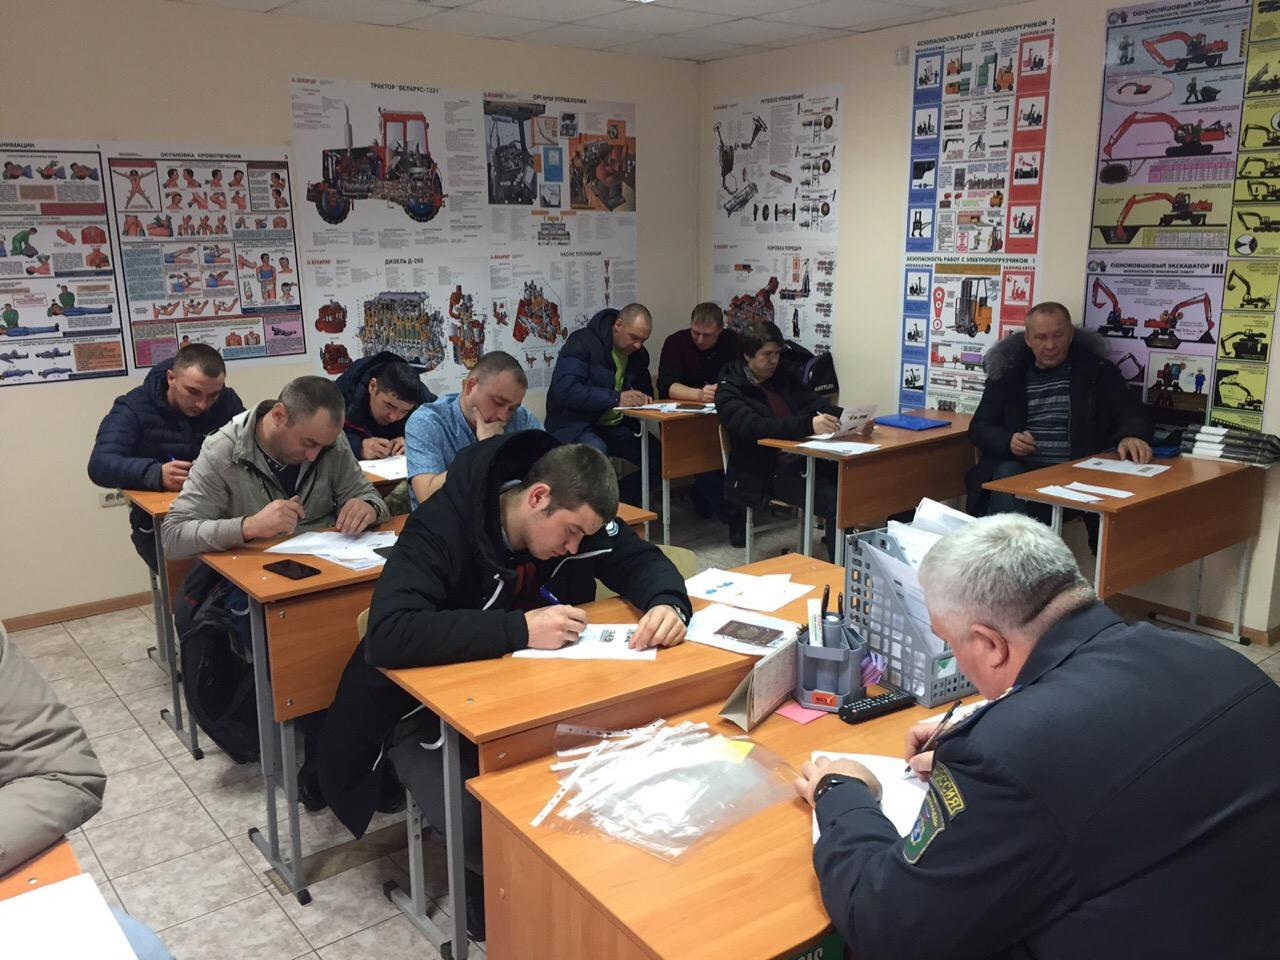 Сданы экзамены! - АНО ДПО Учебный центр Лидер плюс